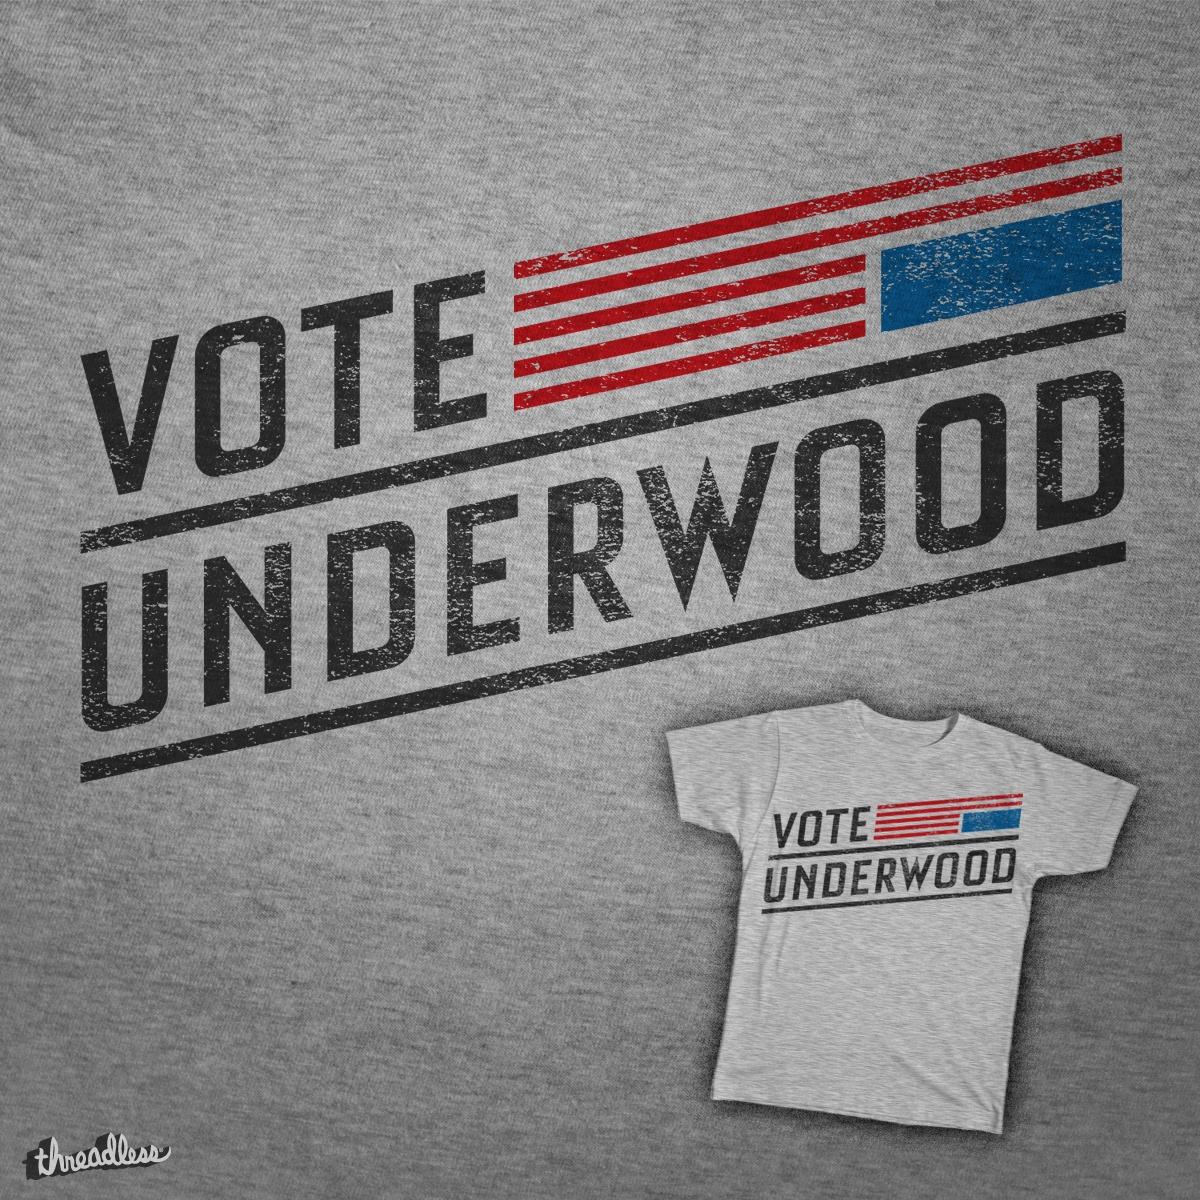 Vote Underwood by daniemeier on Threadless